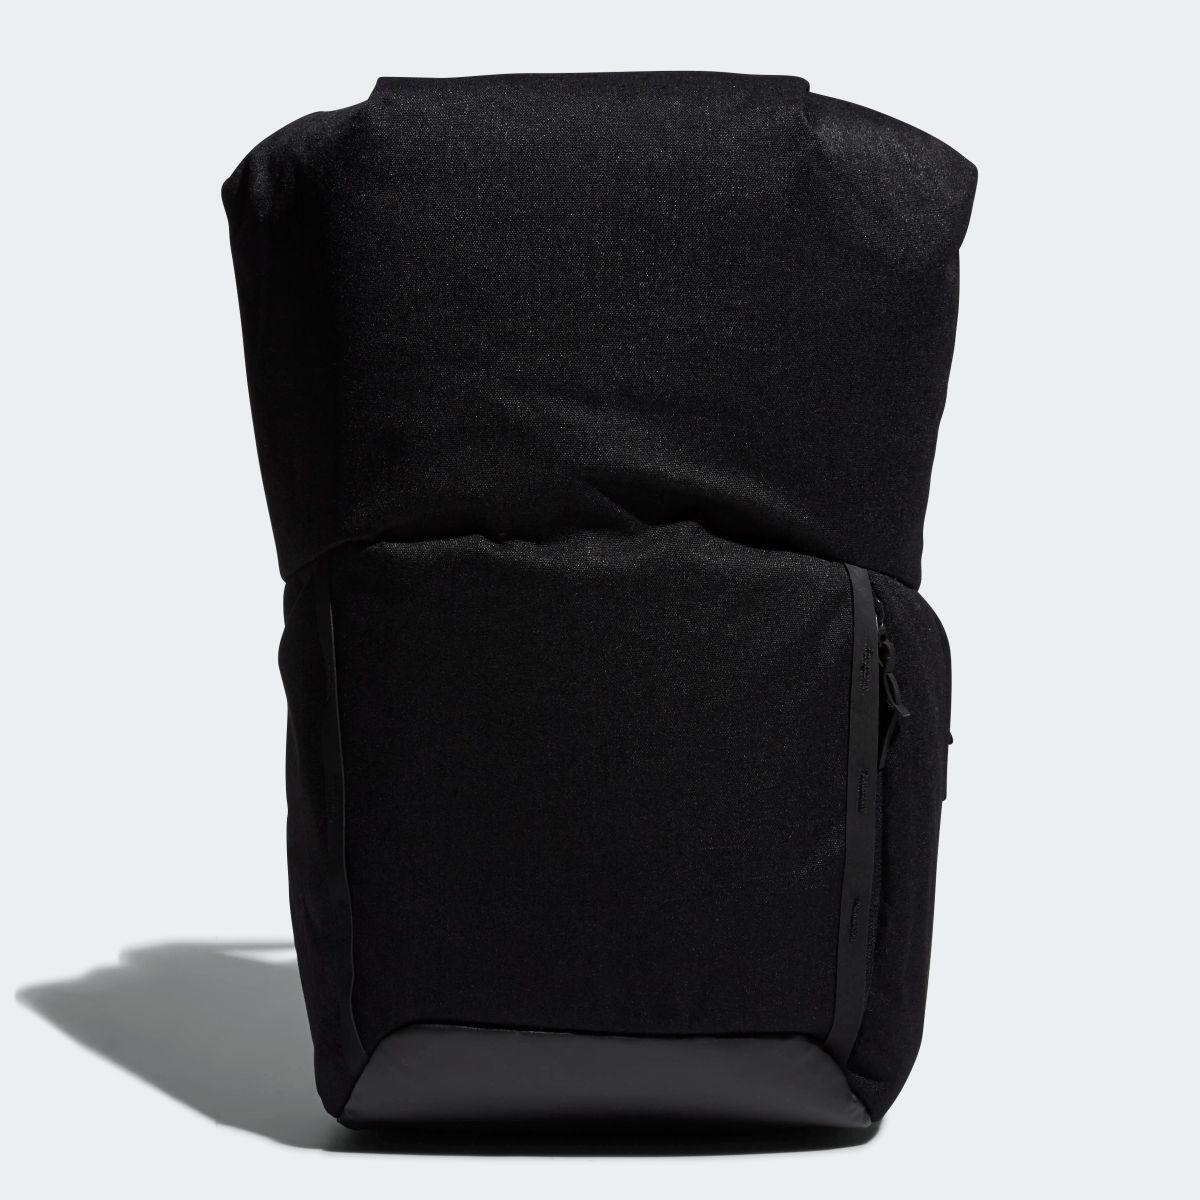 全品ポイント20倍 4/9 17:00~4/12 16:59 【公式】アディダス adidas バックパック /リュック/ZNEシリーズ レディース メンズ DM8732 ジム・トレーニング アクセサリー ポリエステル プレーンウィーブ